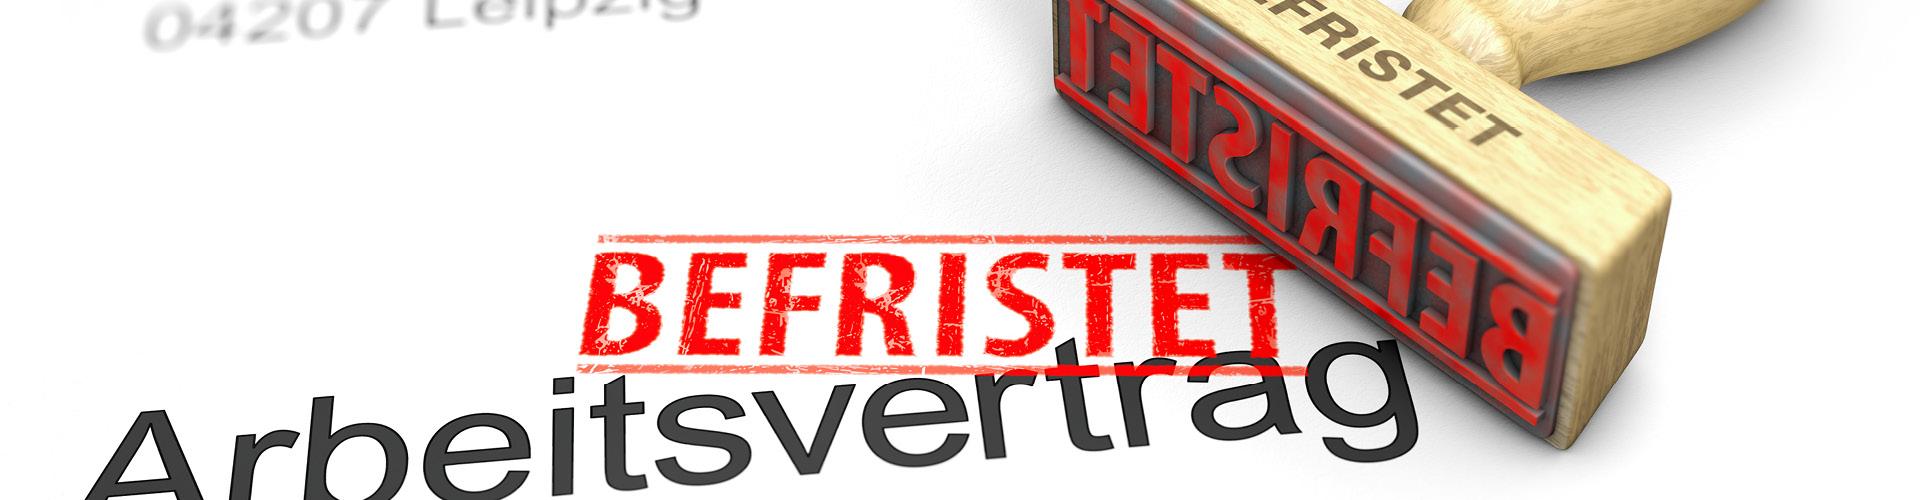 Die Befristung von Arbeitsverträgen ist in Deutschland weit verbreitet. Unternehmen wollen dadurch Flexibilität in ihrer Belegschaft bewahren. Doch die Bundesregierung plant, das Befristungsrecht erheblich einzuschränken.